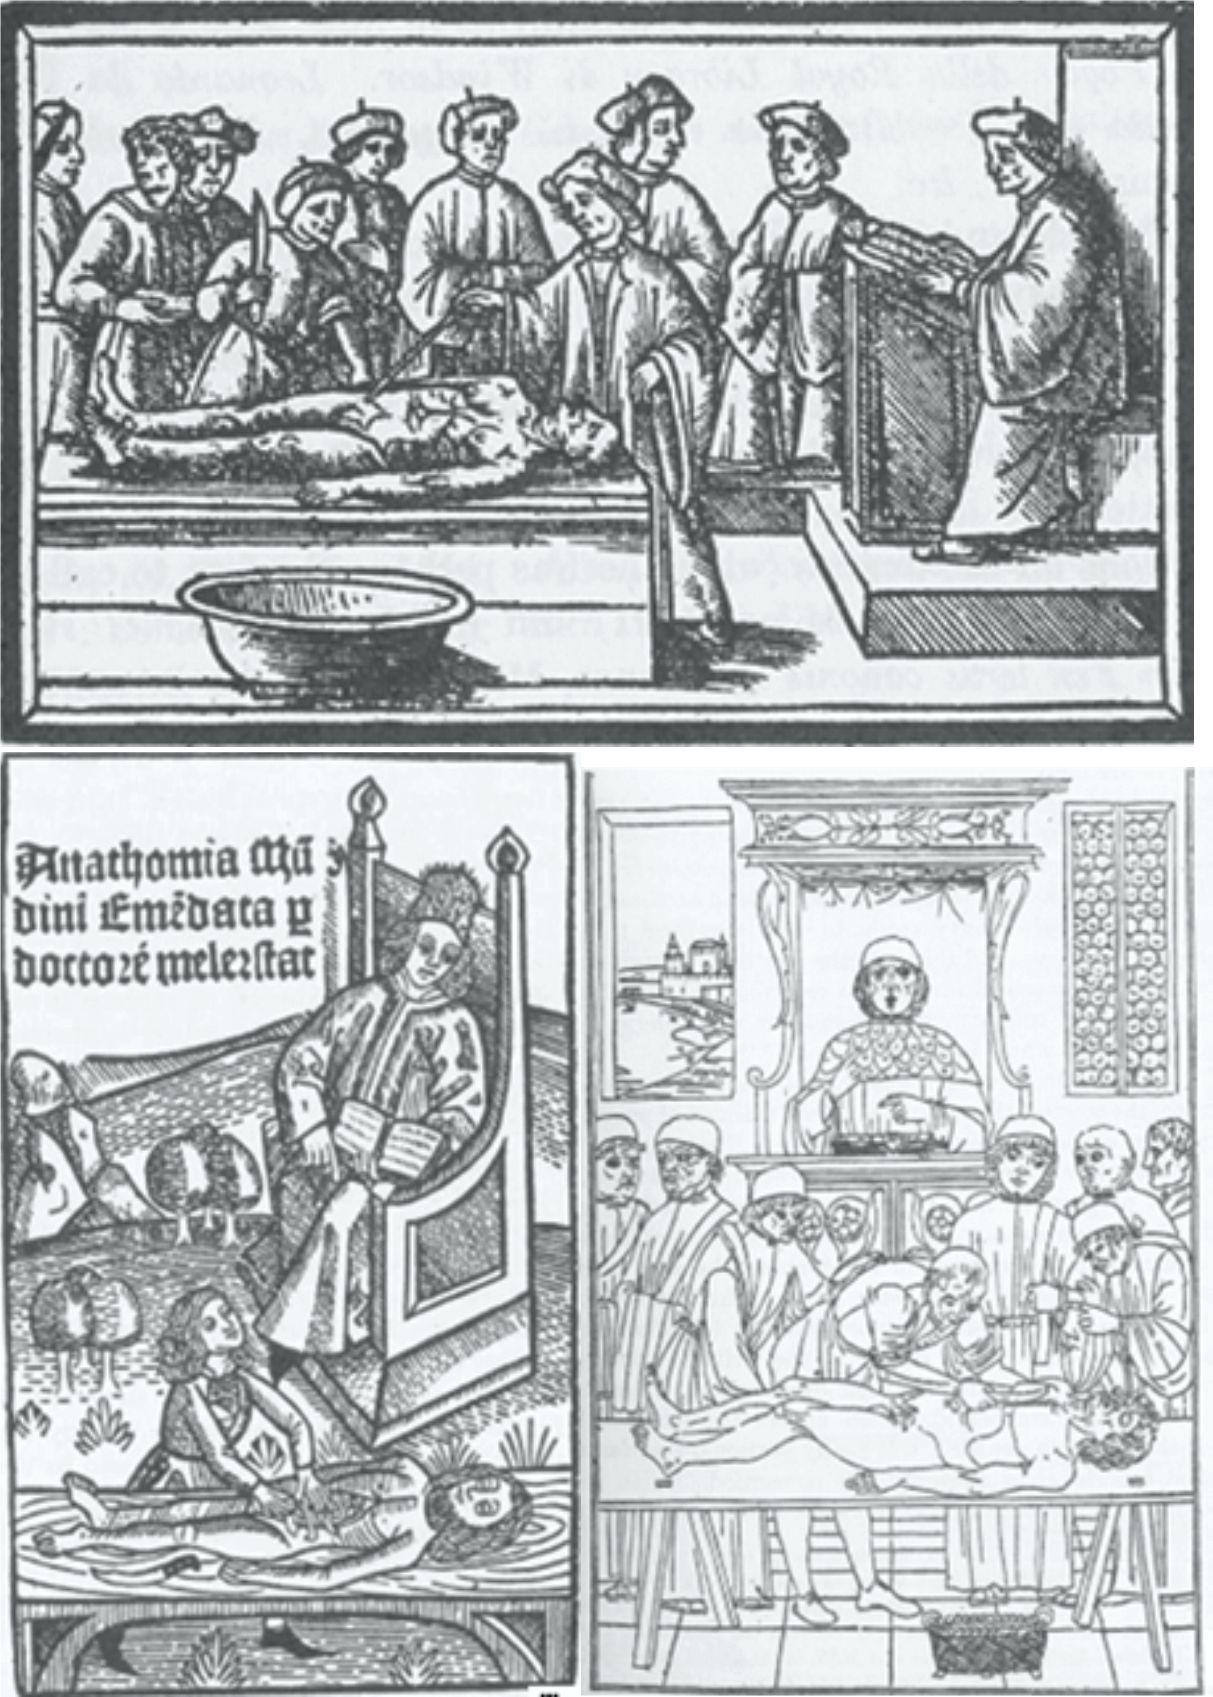 Gravuras medievais: sistema de cátedras acadêmicas